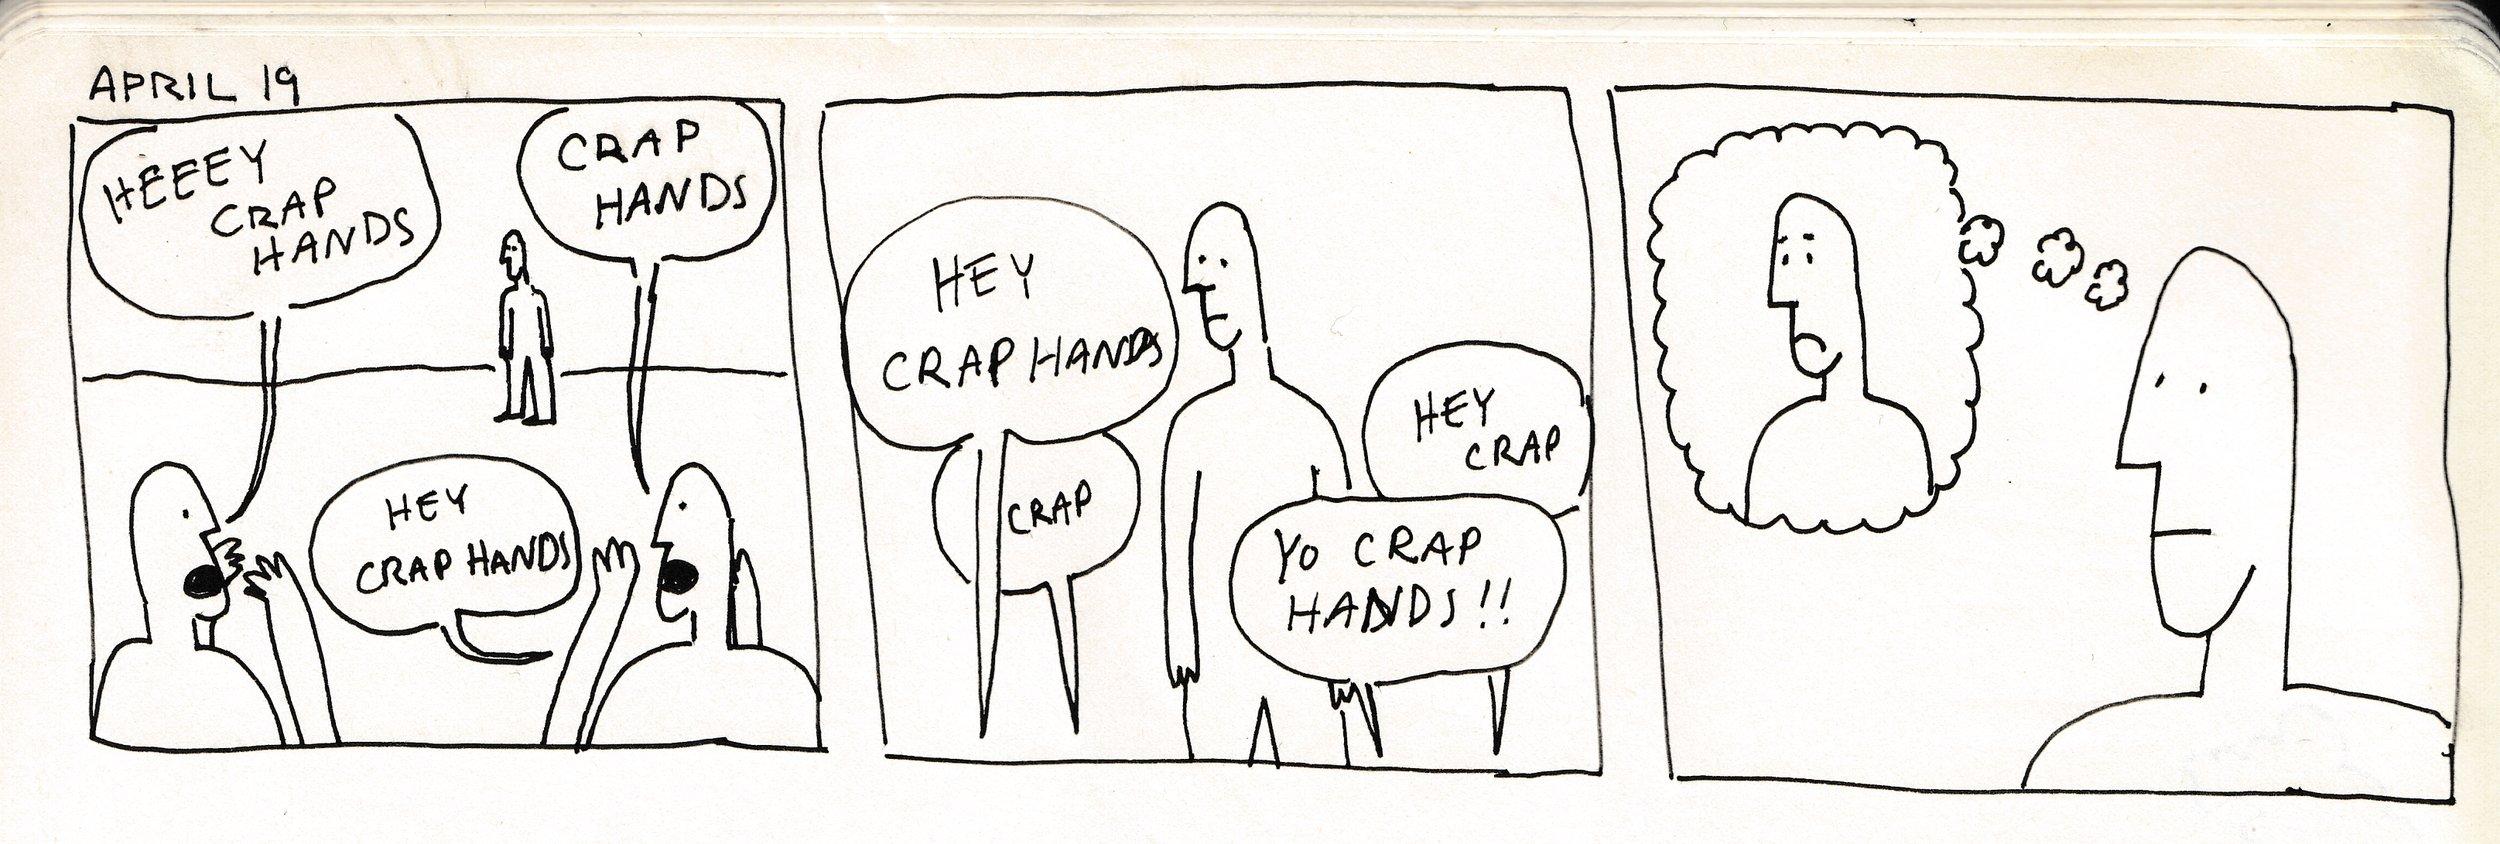 comic3_20160419_0001.jpg